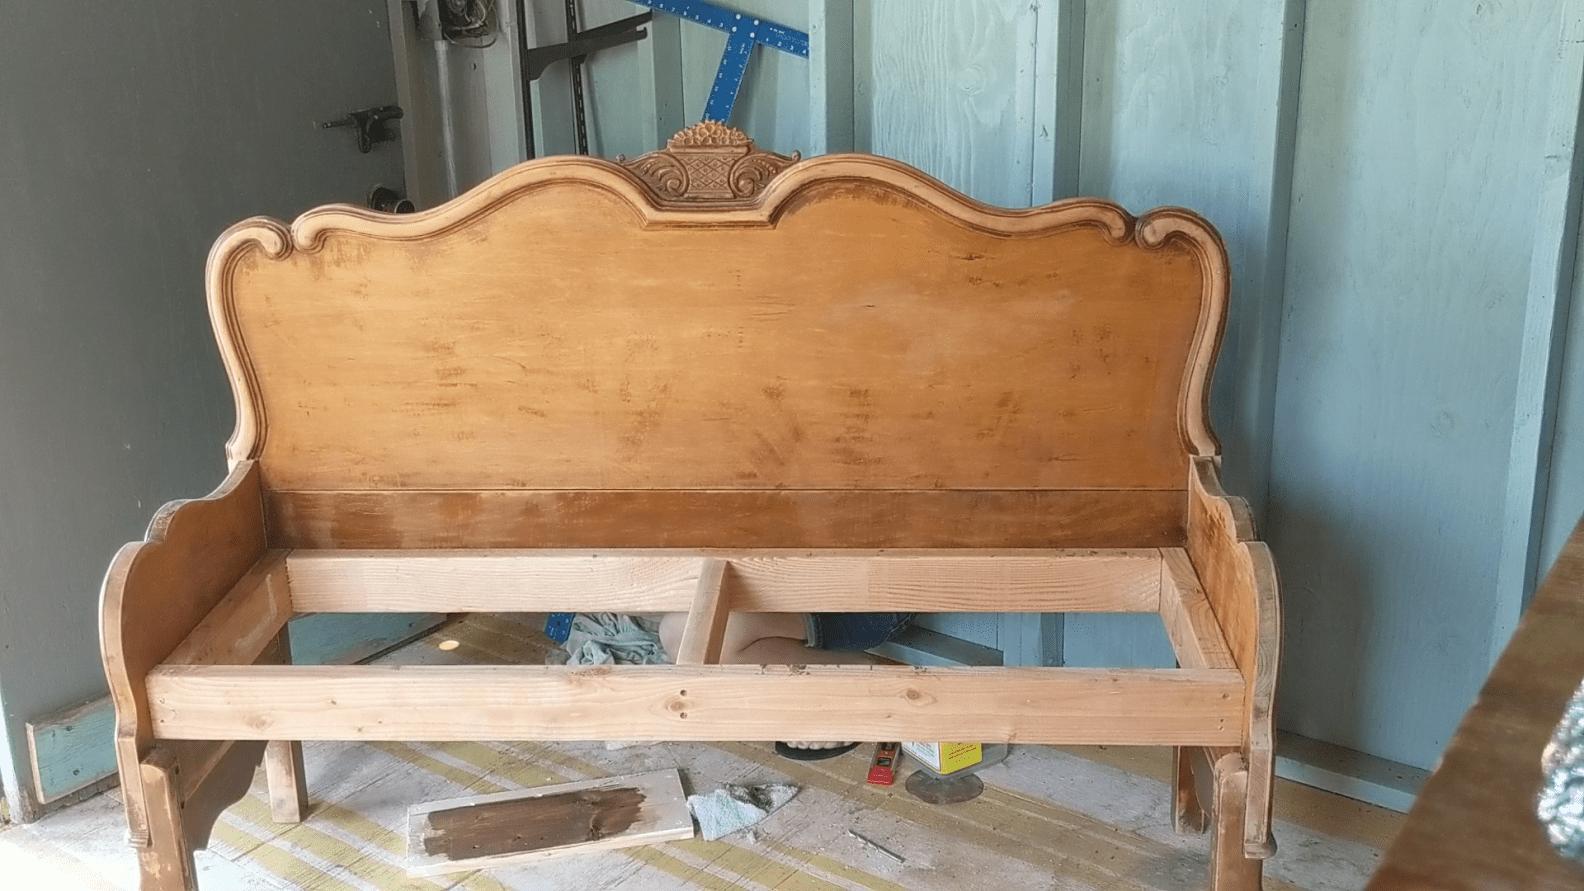 DIY Headboard Bench Old headboard, How to make headboard